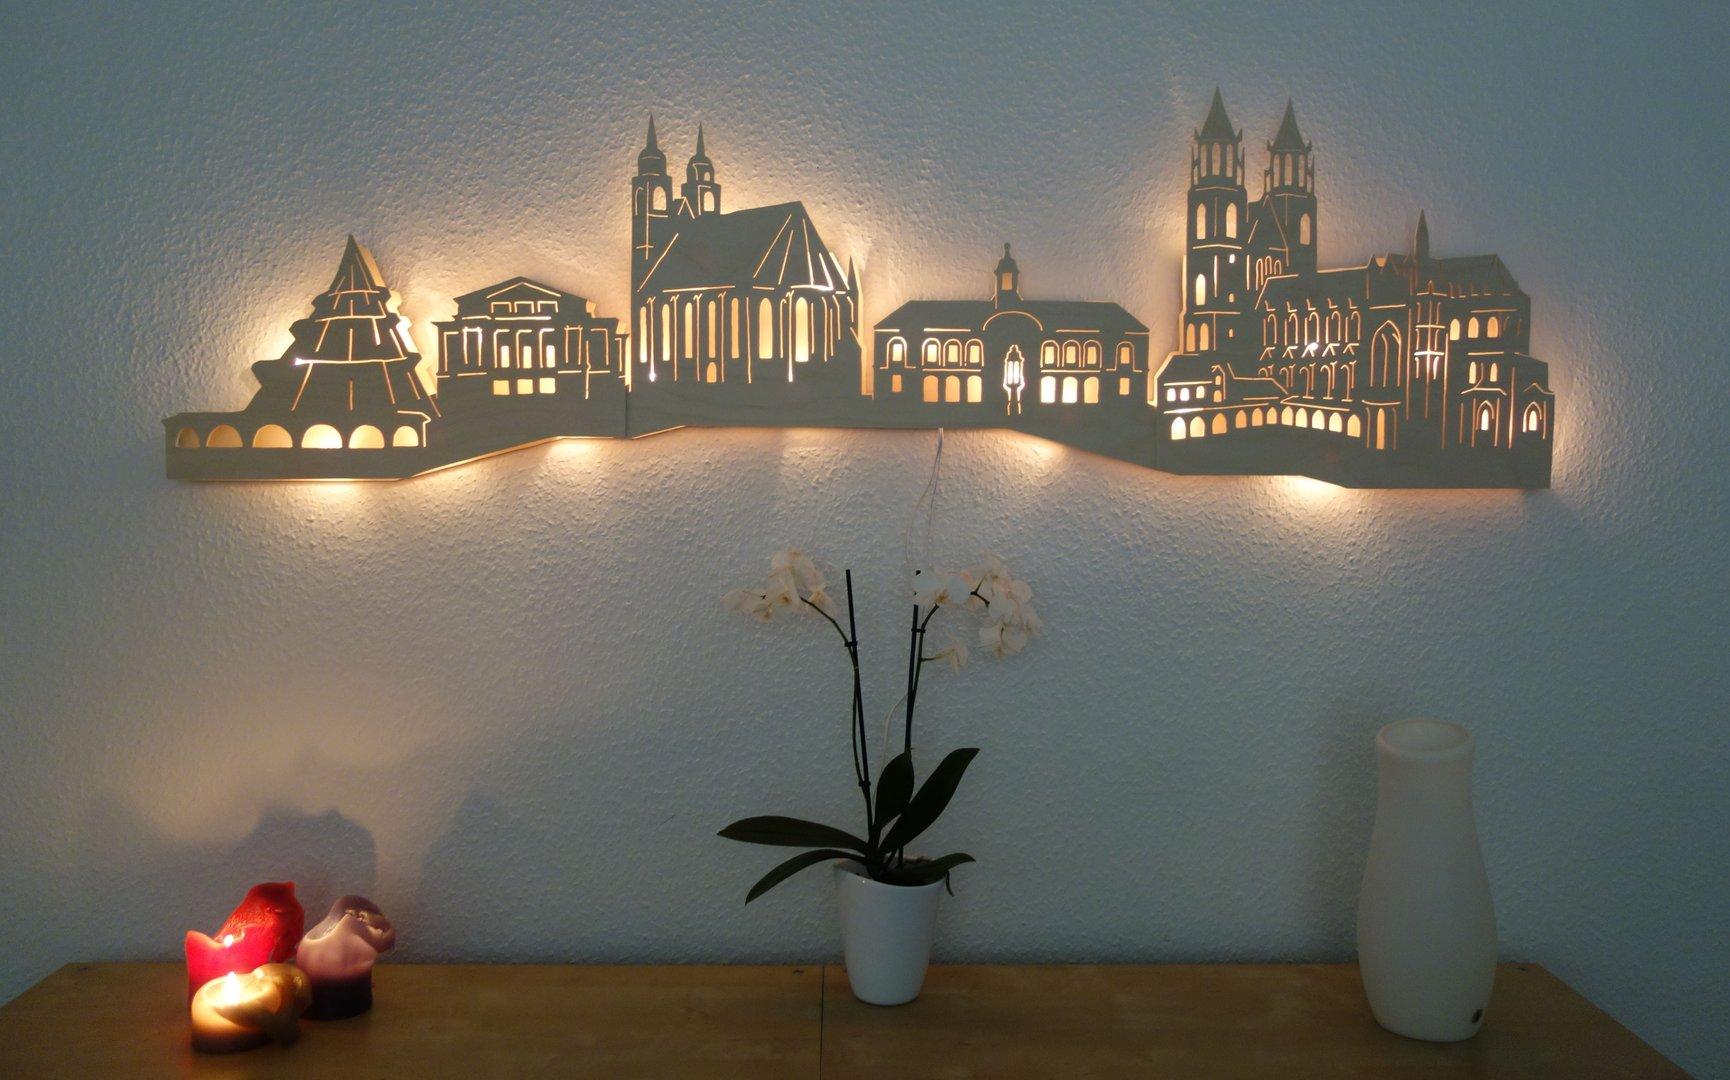 wandskyline magdeburg kunsthandwerk karste. Black Bedroom Furniture Sets. Home Design Ideas